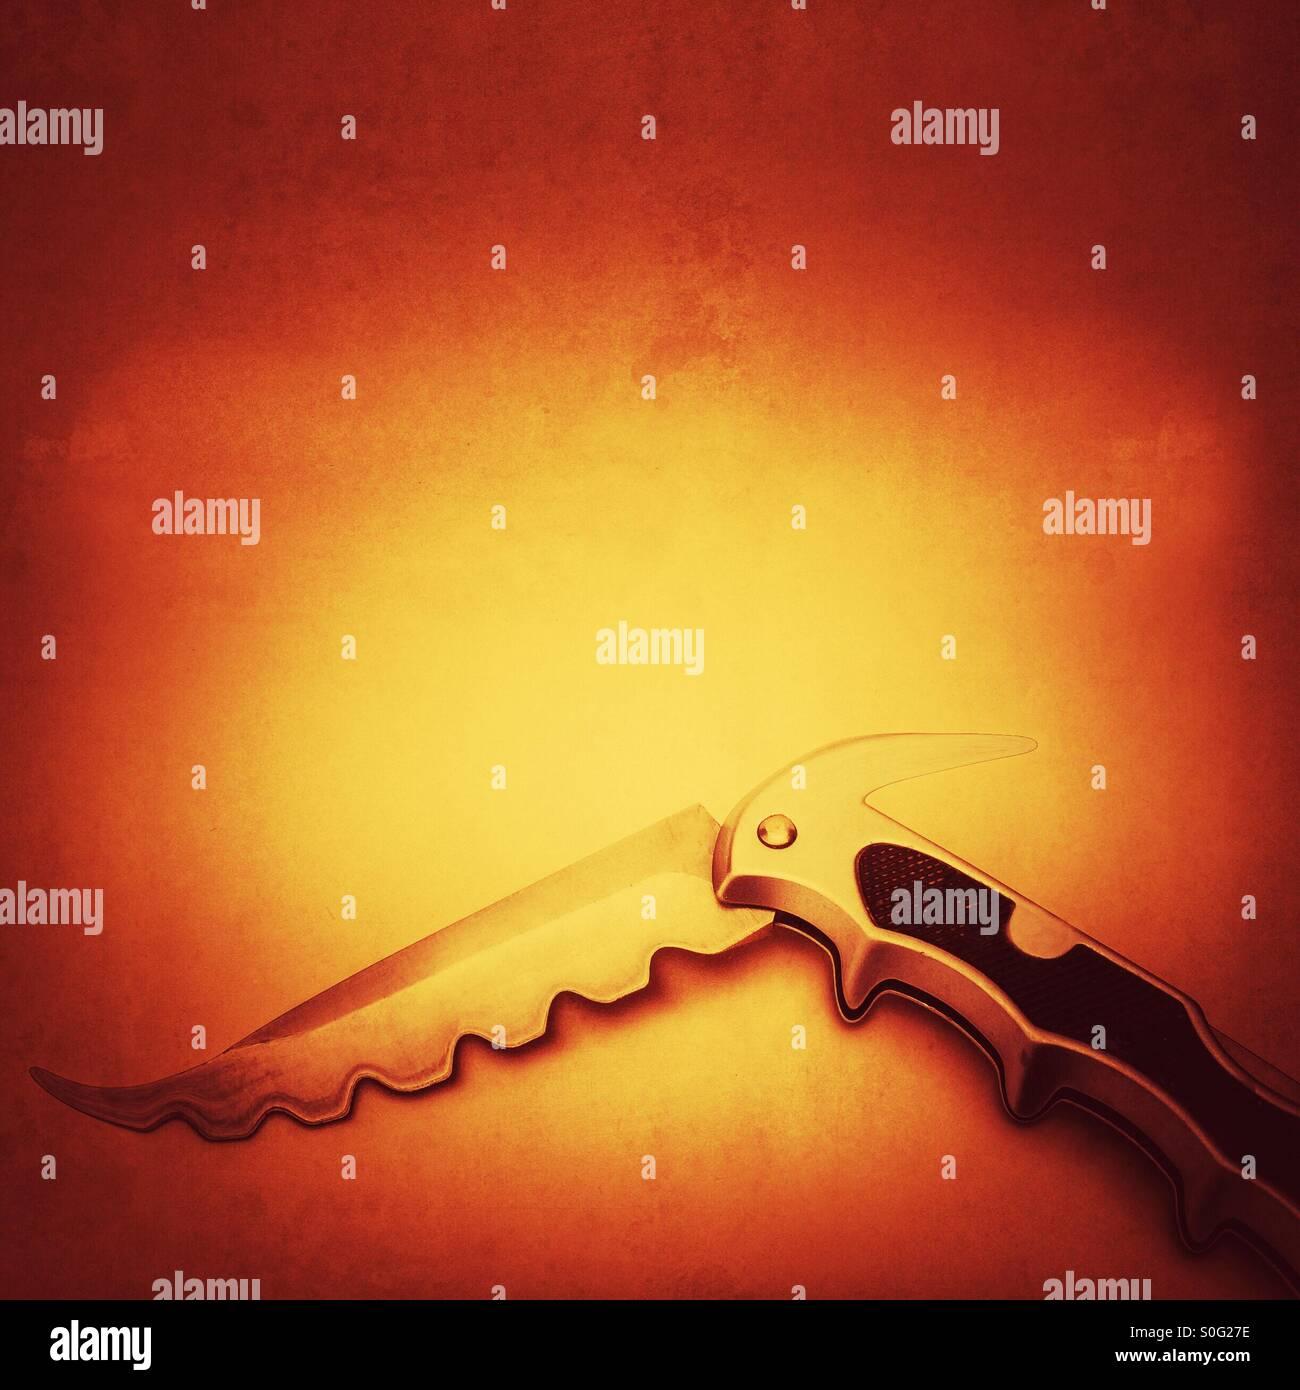 Immagini surreali che mostra manipolato digitalmente immagine del coltello da tasca Immagini Stock